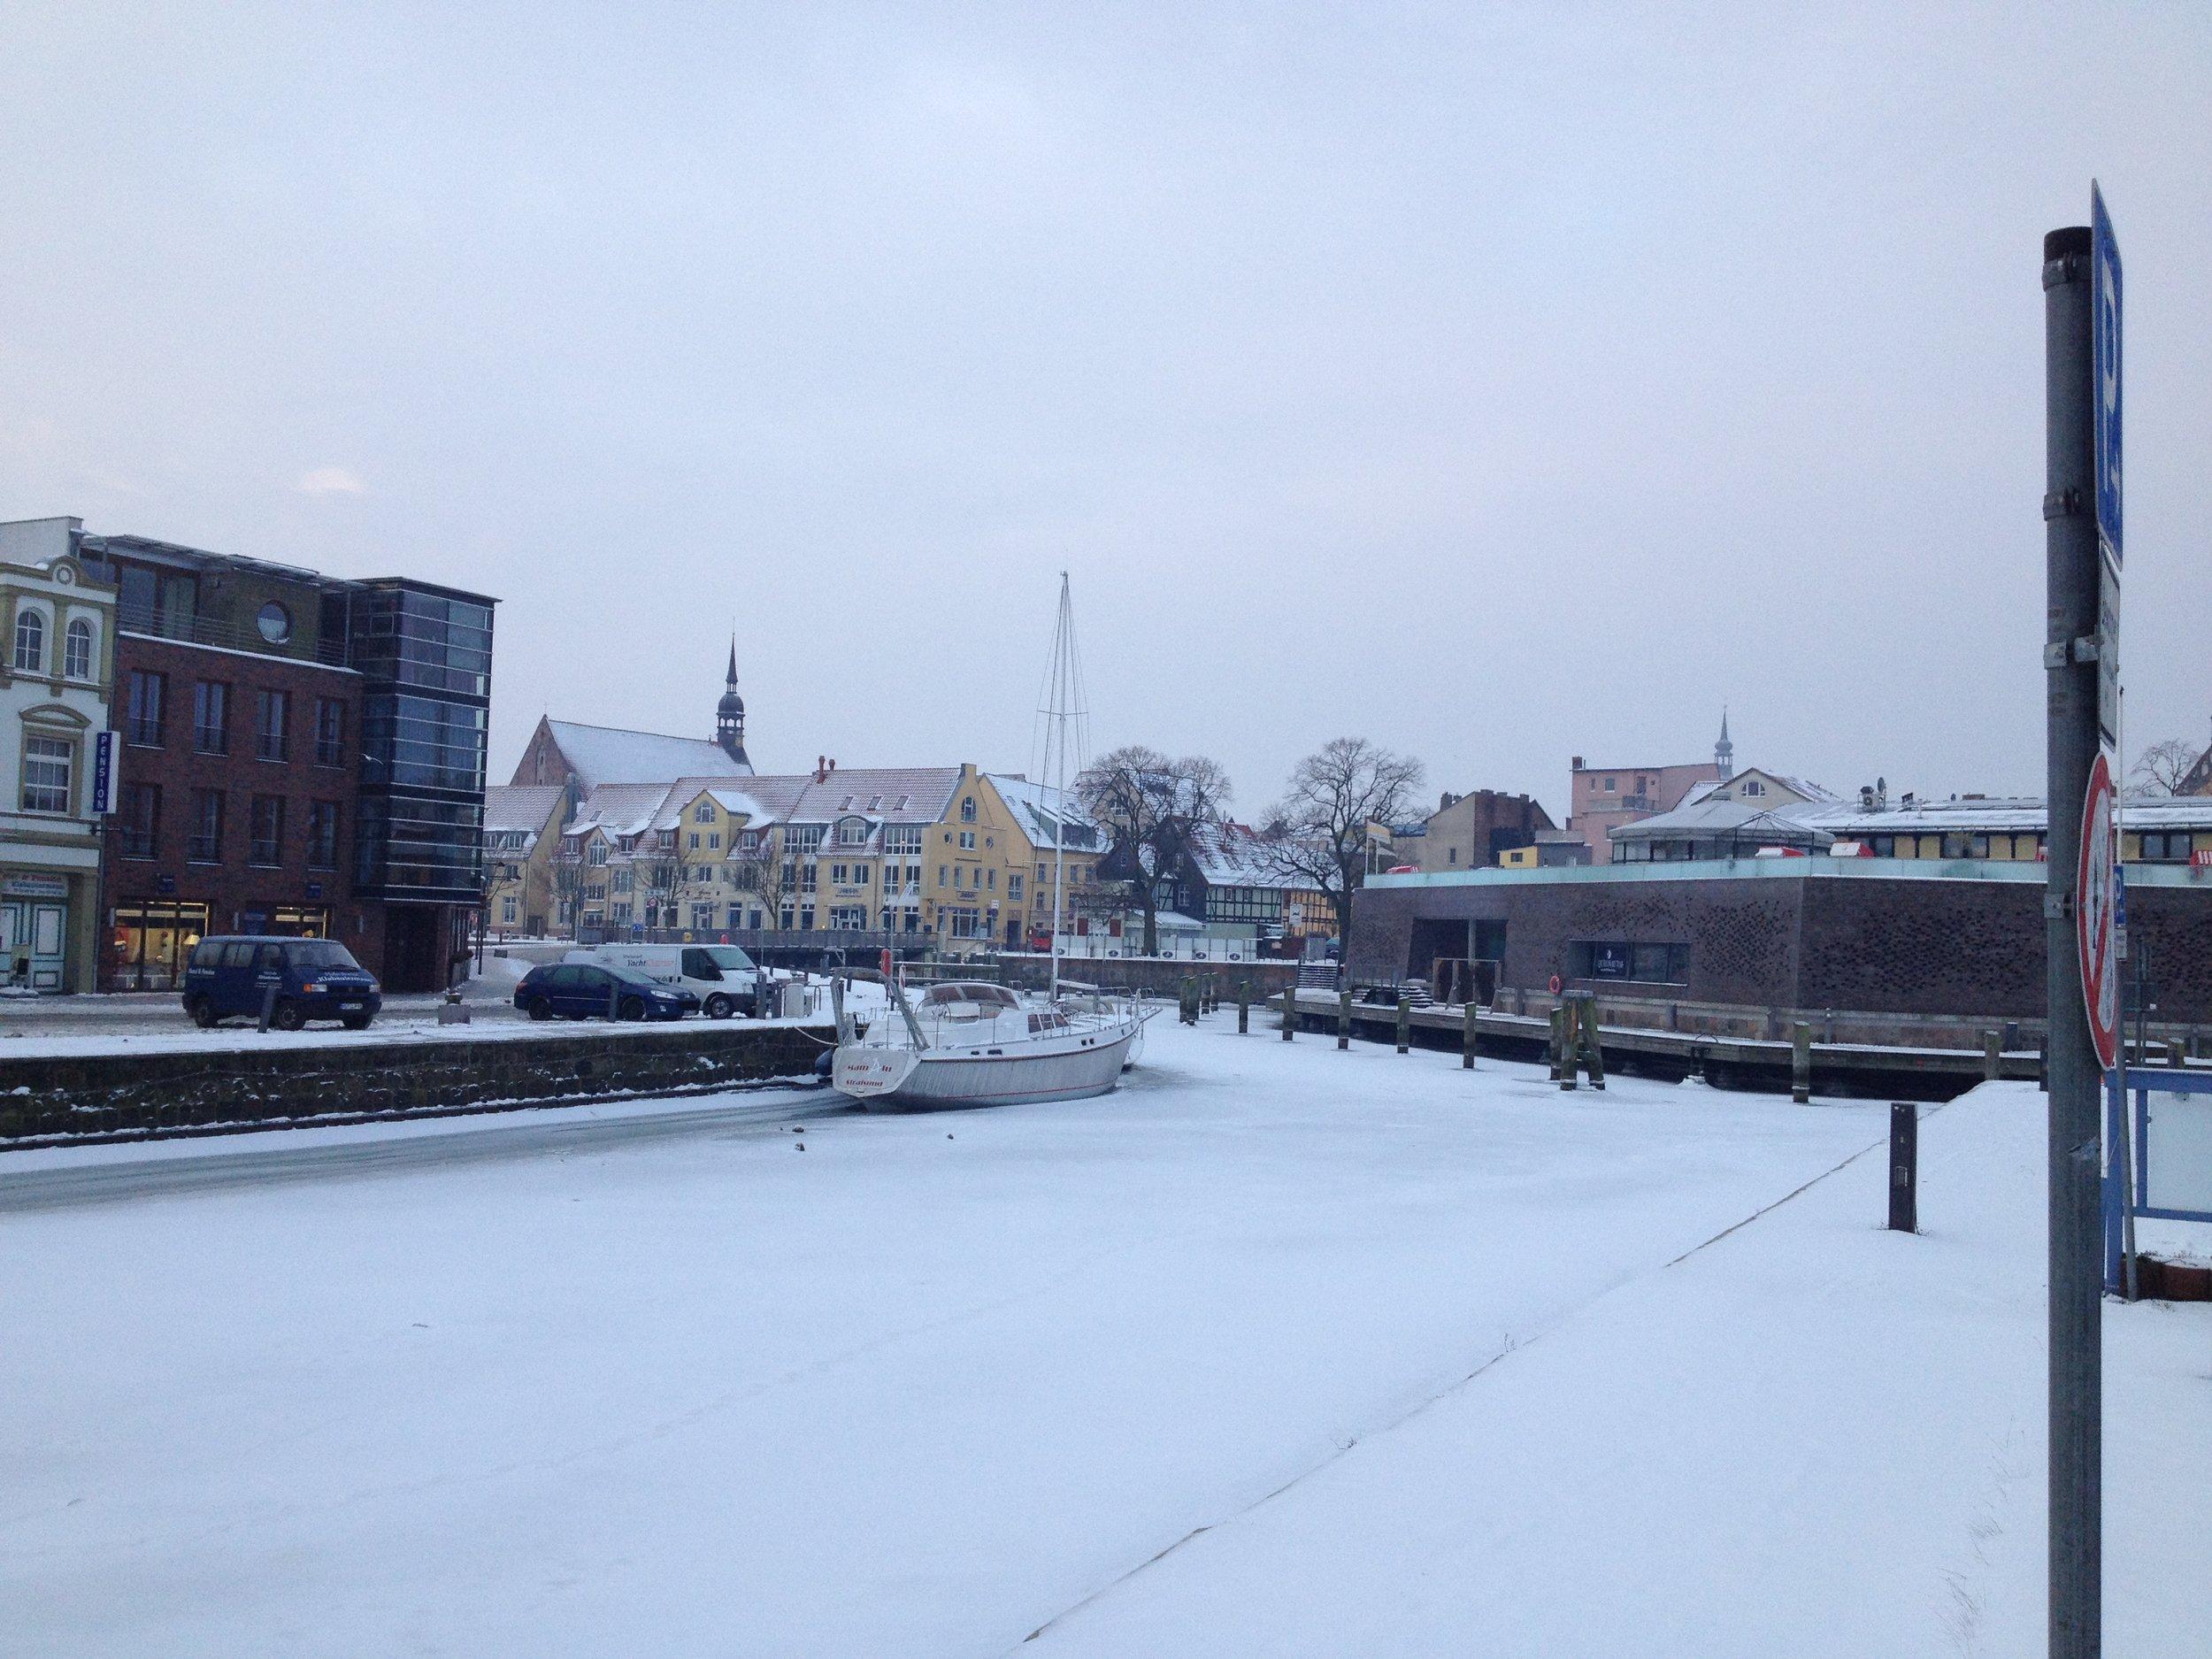 Winter in Stralsund.jpeg